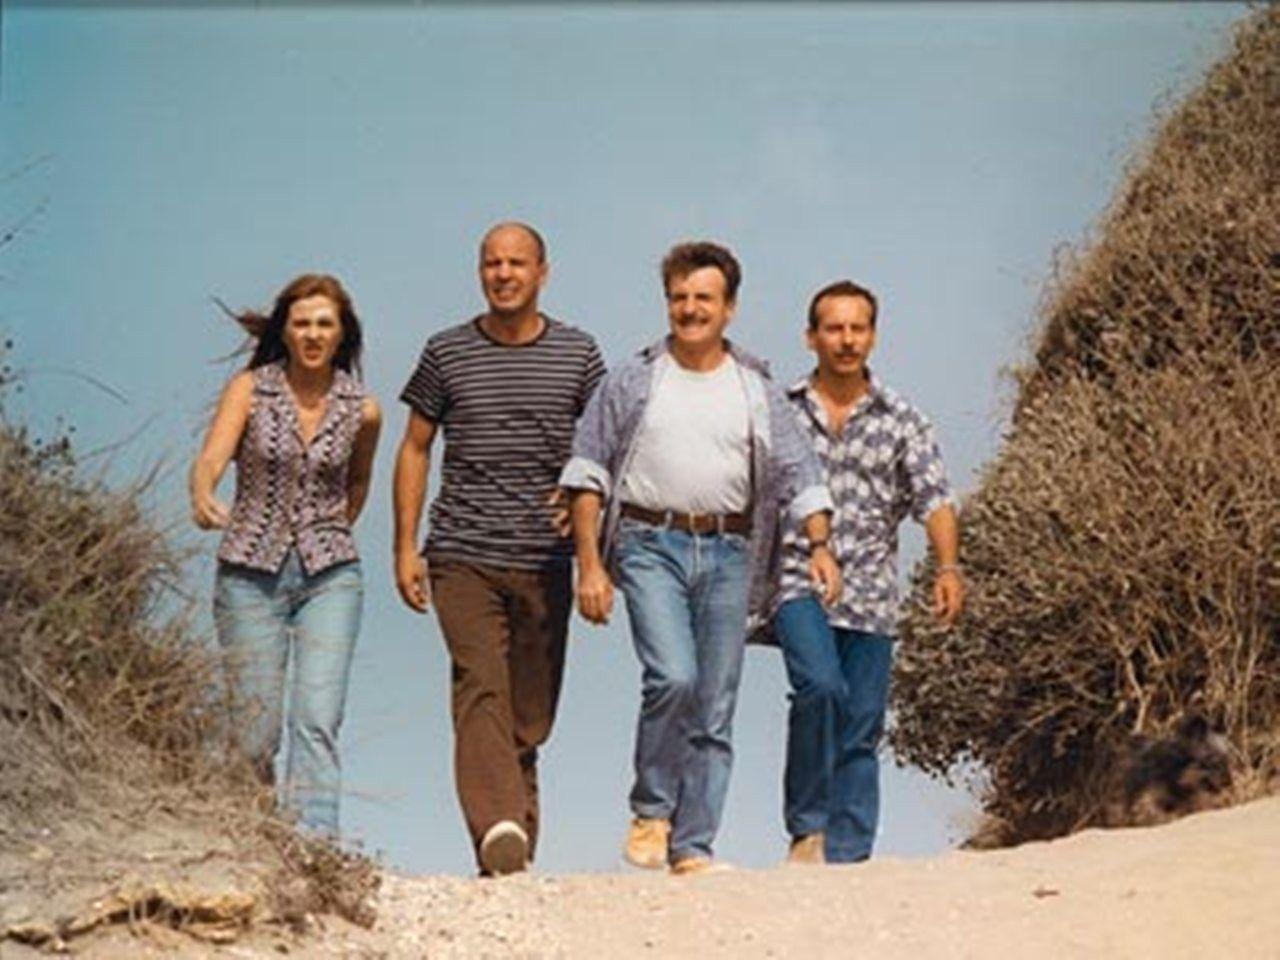 [viaggiare - turismo sperimentale] Alcune strambe idee di turismo sperimentale > http://forum.nuovasolaria.net/index.php/topic,2862.msg44804.html#msg44804